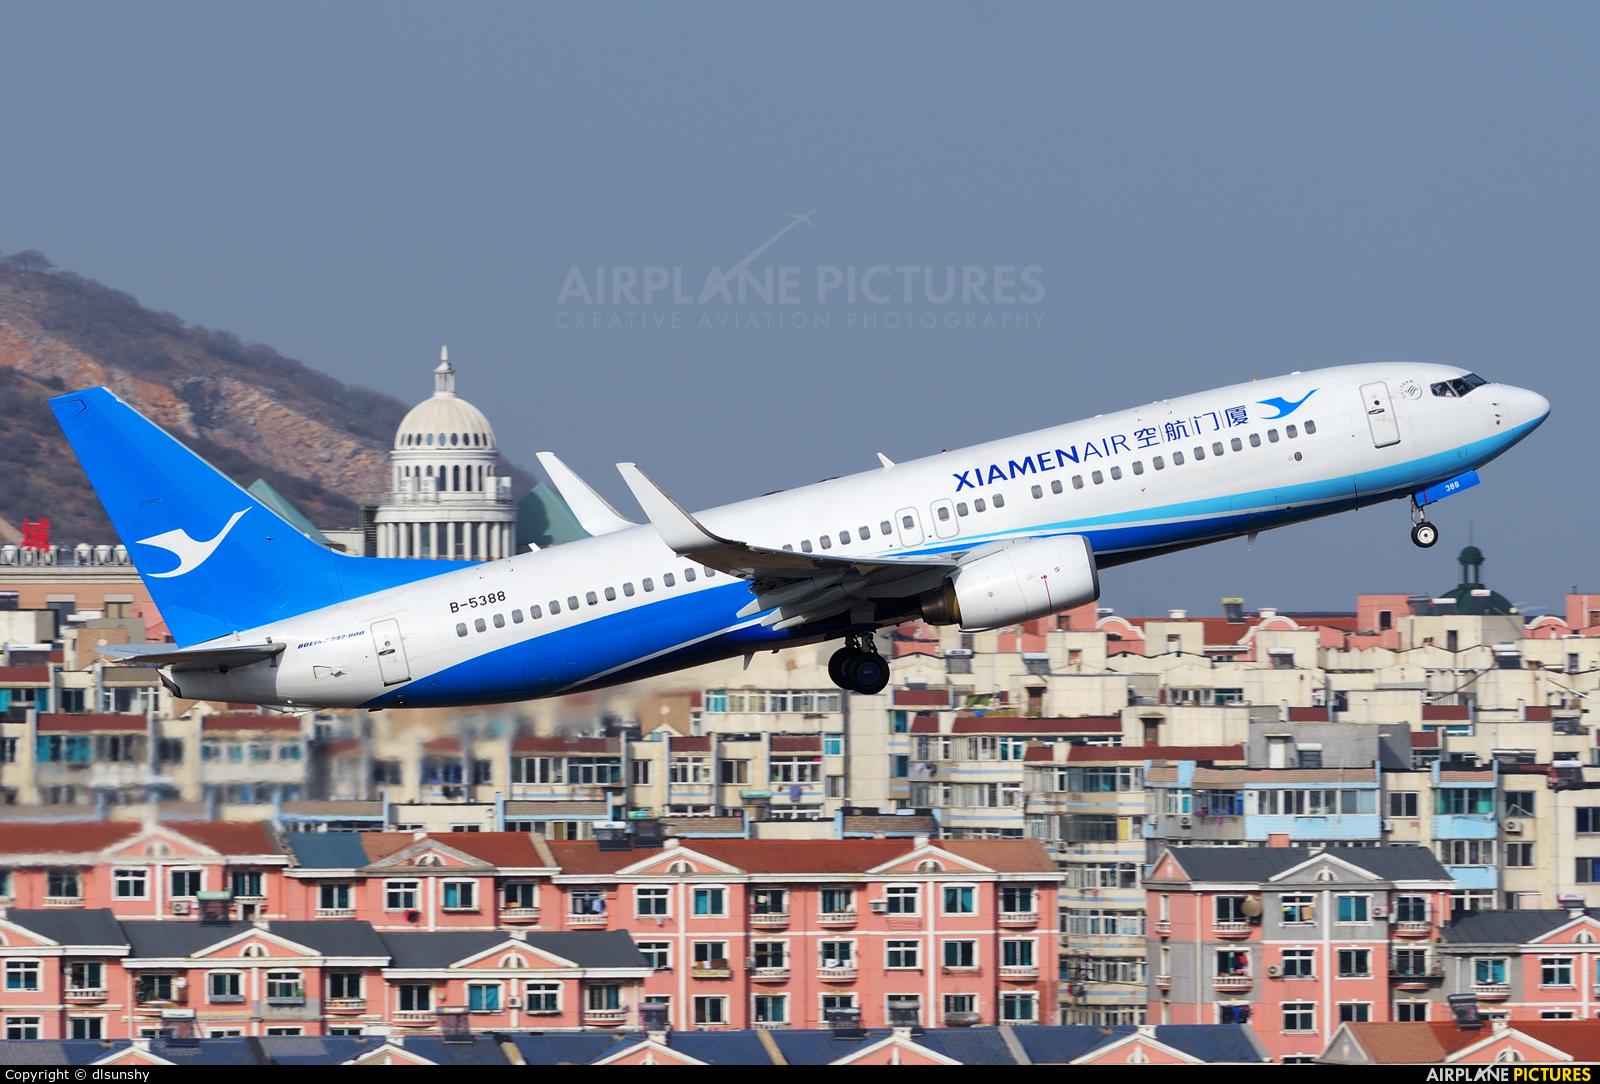 Xiamen Airlines B-5388 aircraft at Dalian Zhoushuizi Int'l